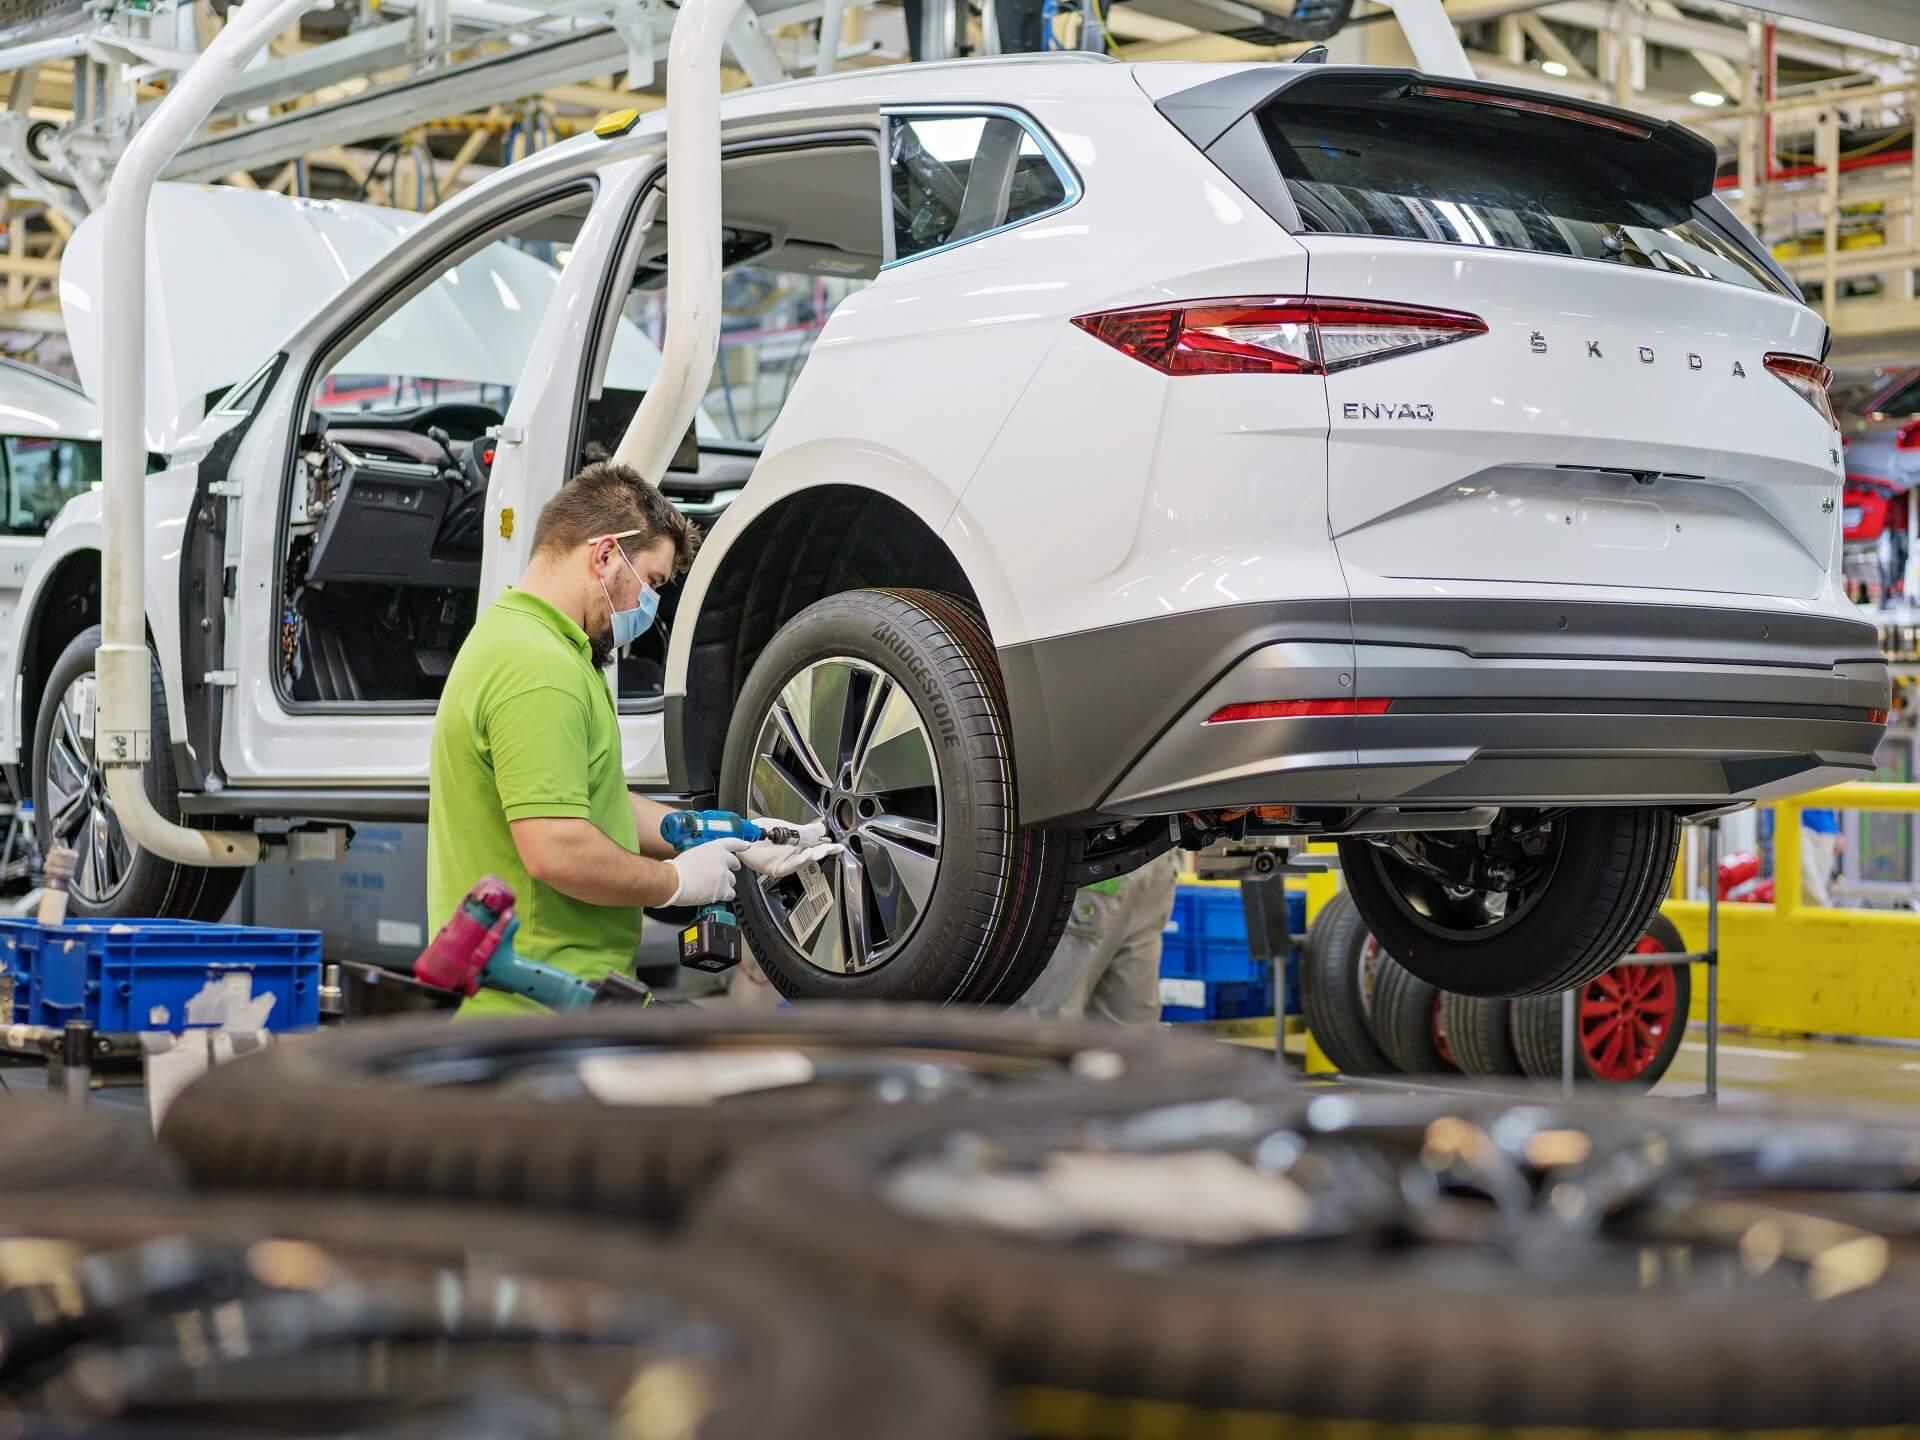 ŠKODA запустила серийное производство электрического кроссовера ENYAQ iVна своем главном заводе вМлада-Болеславе